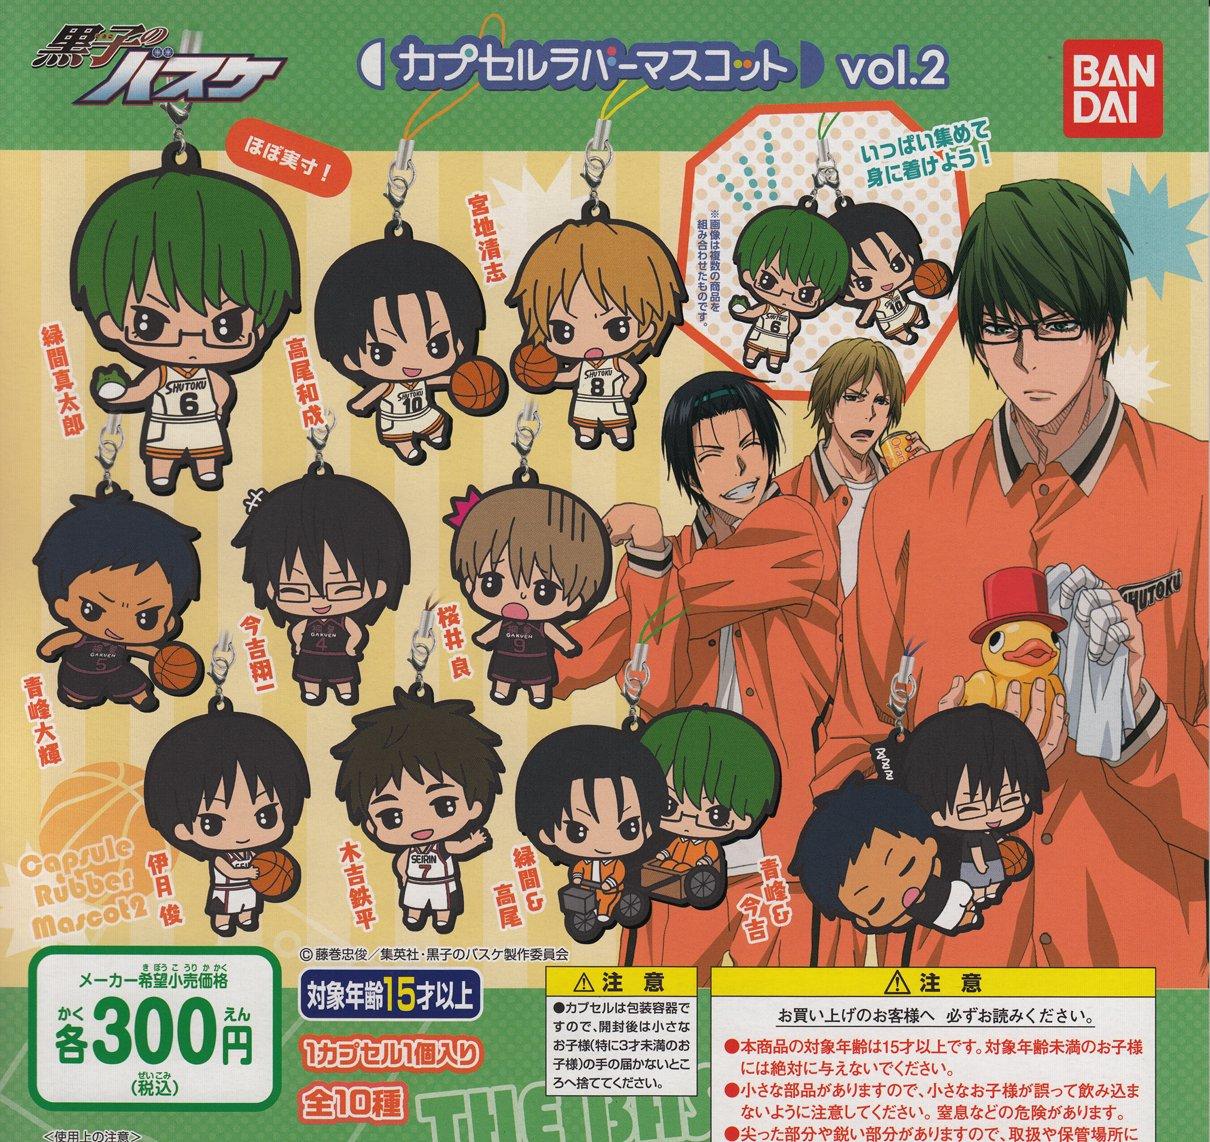 Kuroko no Basket Kuroko's Basketball Rubber Strap Vol.2 Imayoshi Shouichi by Bandai günstig kaufen